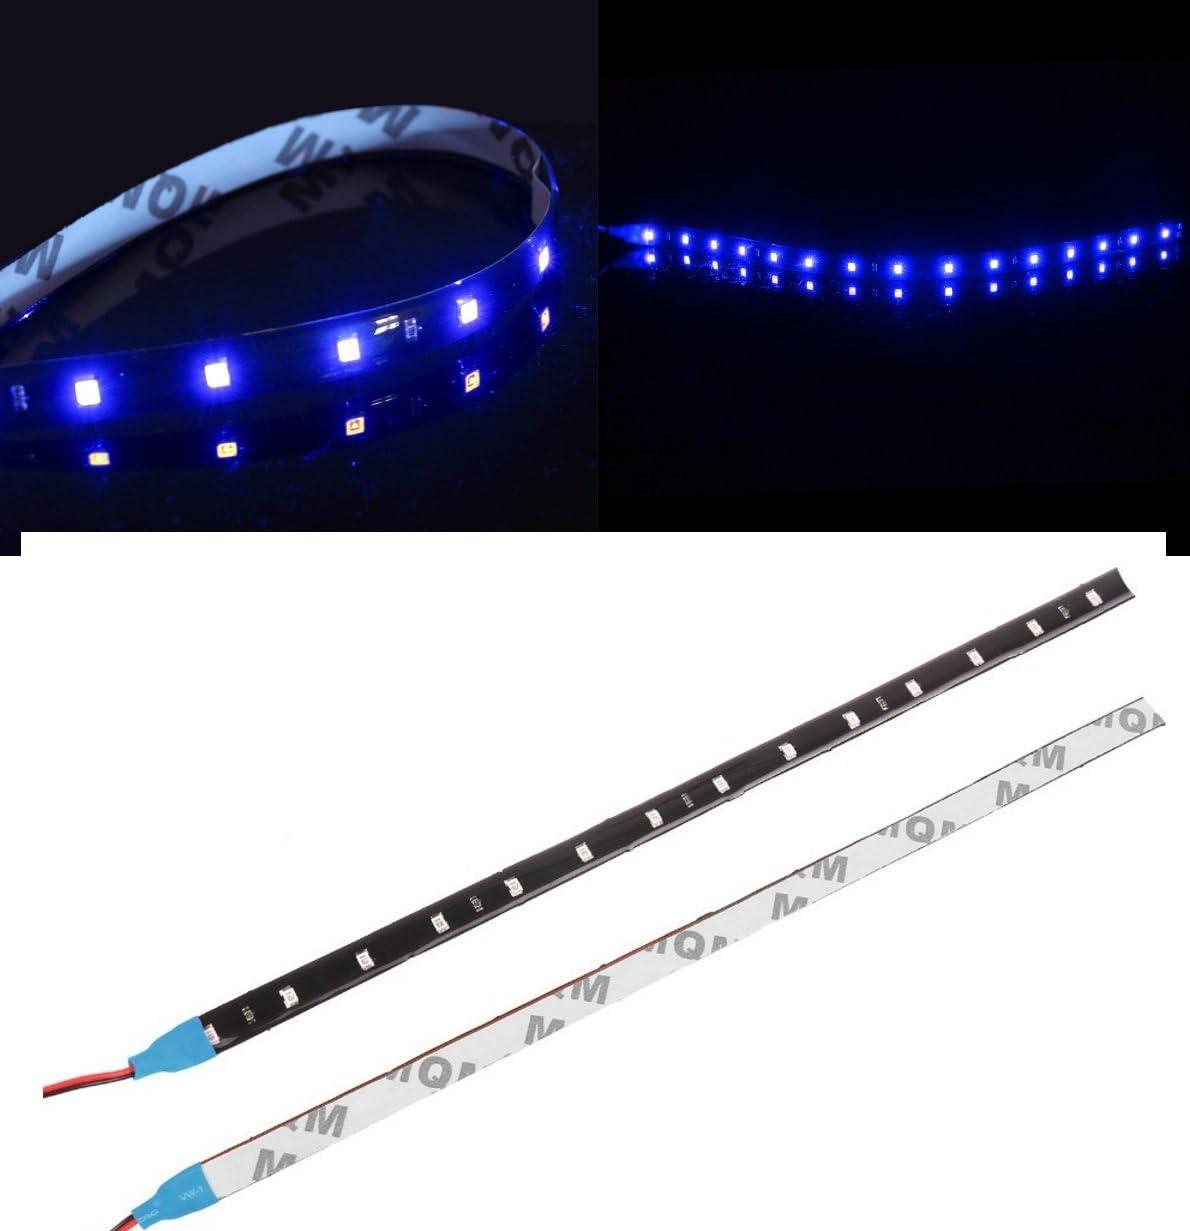 30CM STRISCIA FLESSIBILE STRIP LED SMD 3528 BLU BLUE